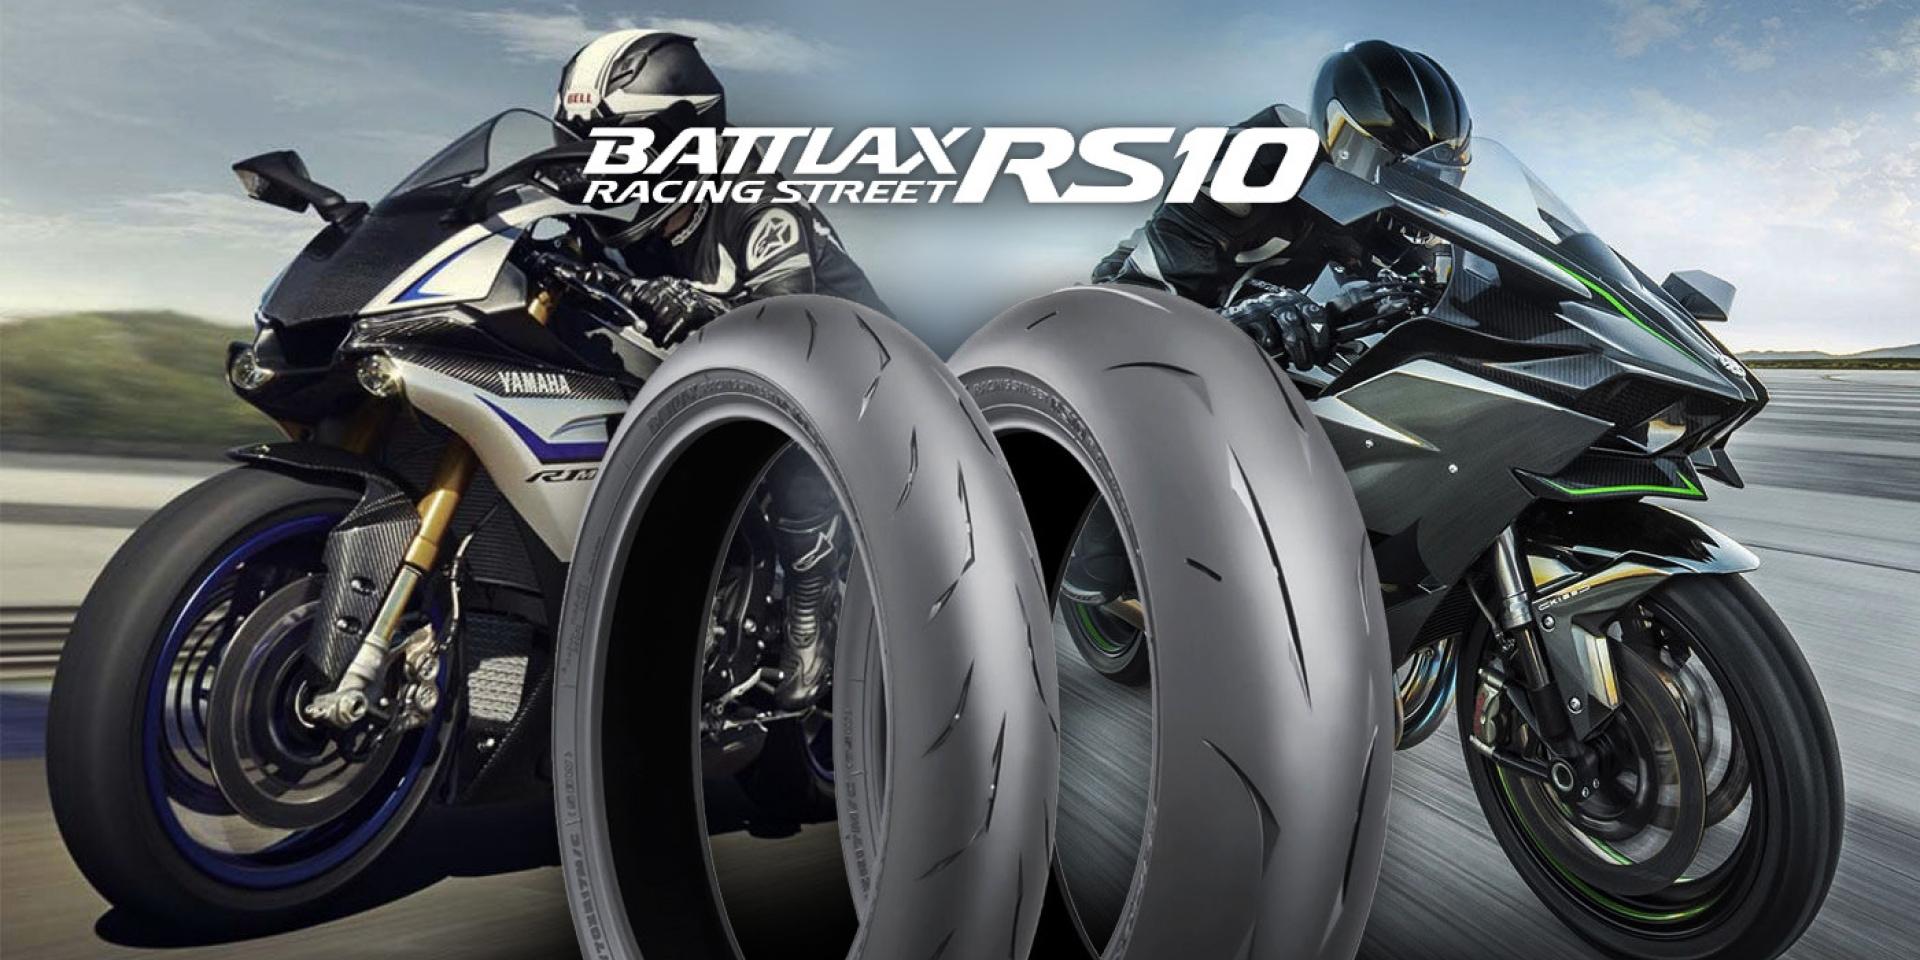 競技性能再延伸。Bridgestone RS10 輕檔車尺寸發售